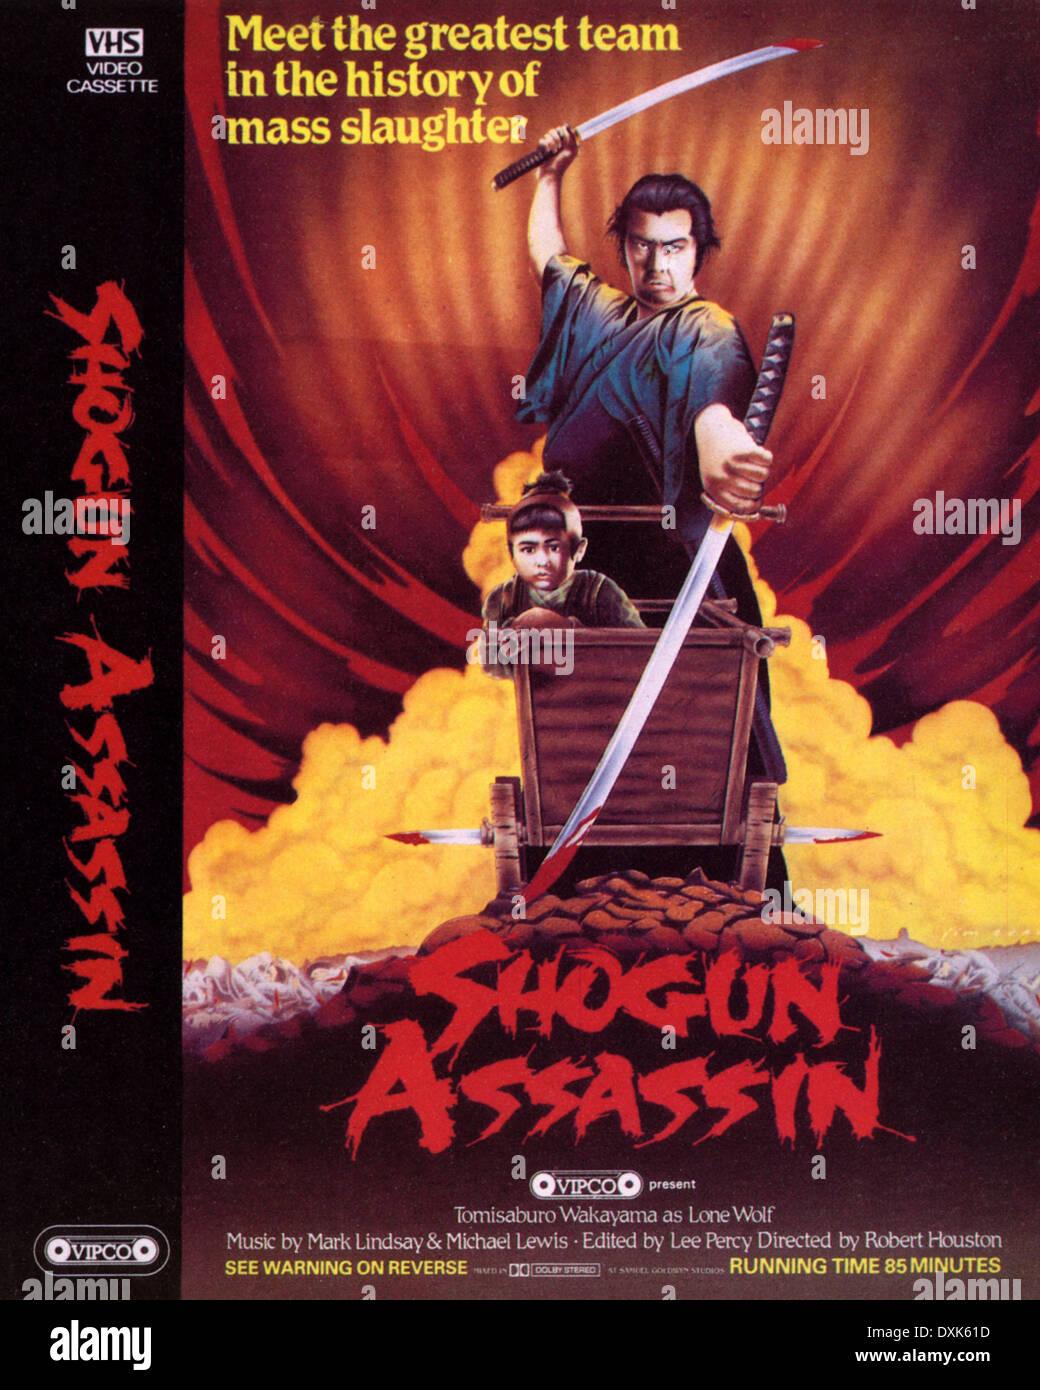 SHOGUN ASSASSIN (1980) IMMAGINI DAL RONALD GRANT ARCHIVE Immagini Stock